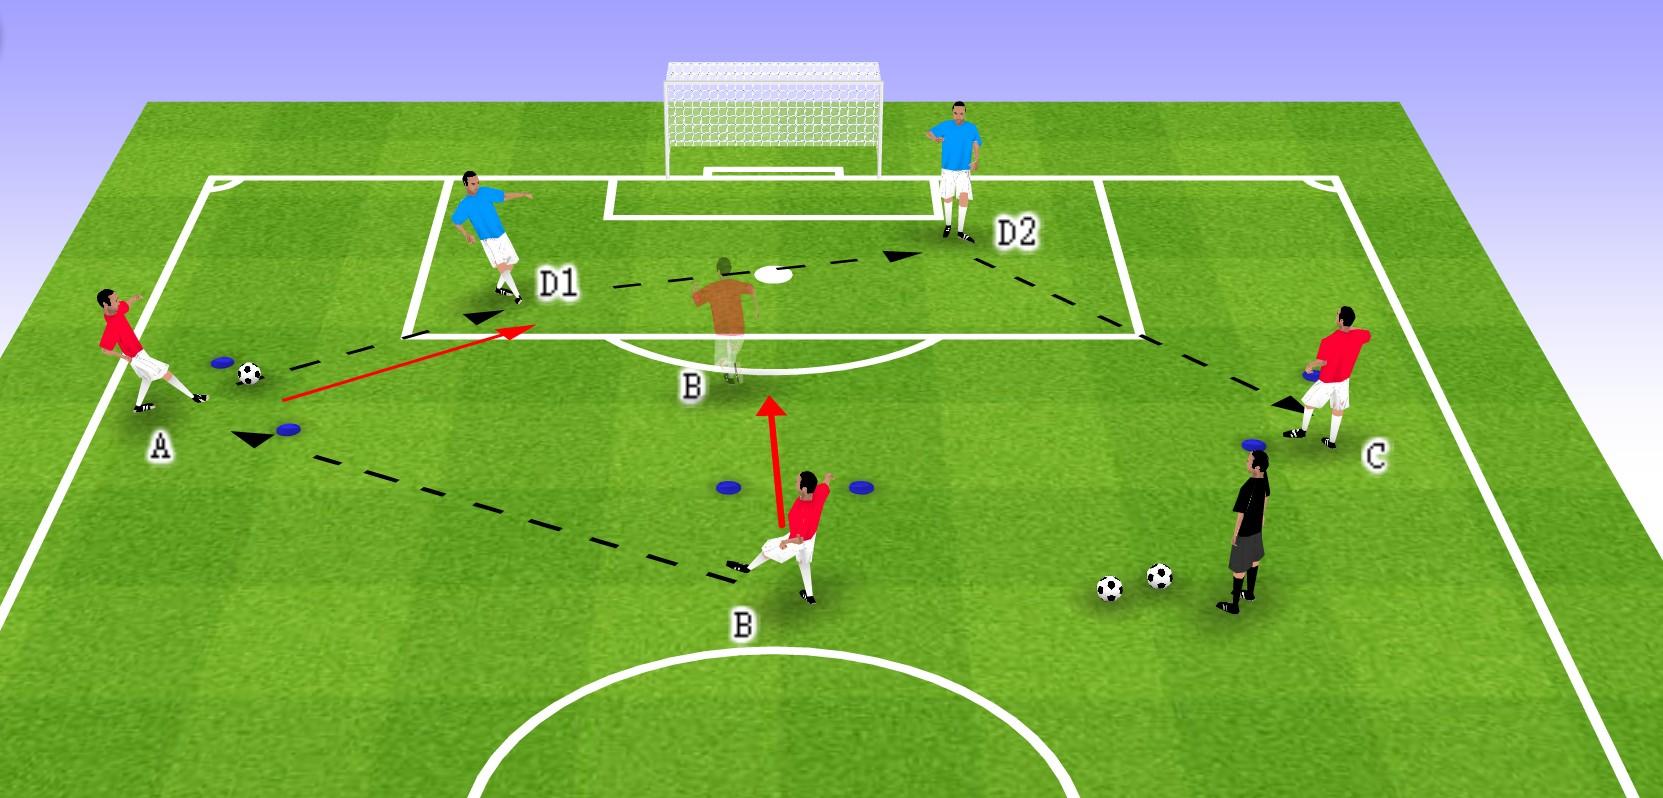 足球教案:提高球员传接球能力的一套训练方法